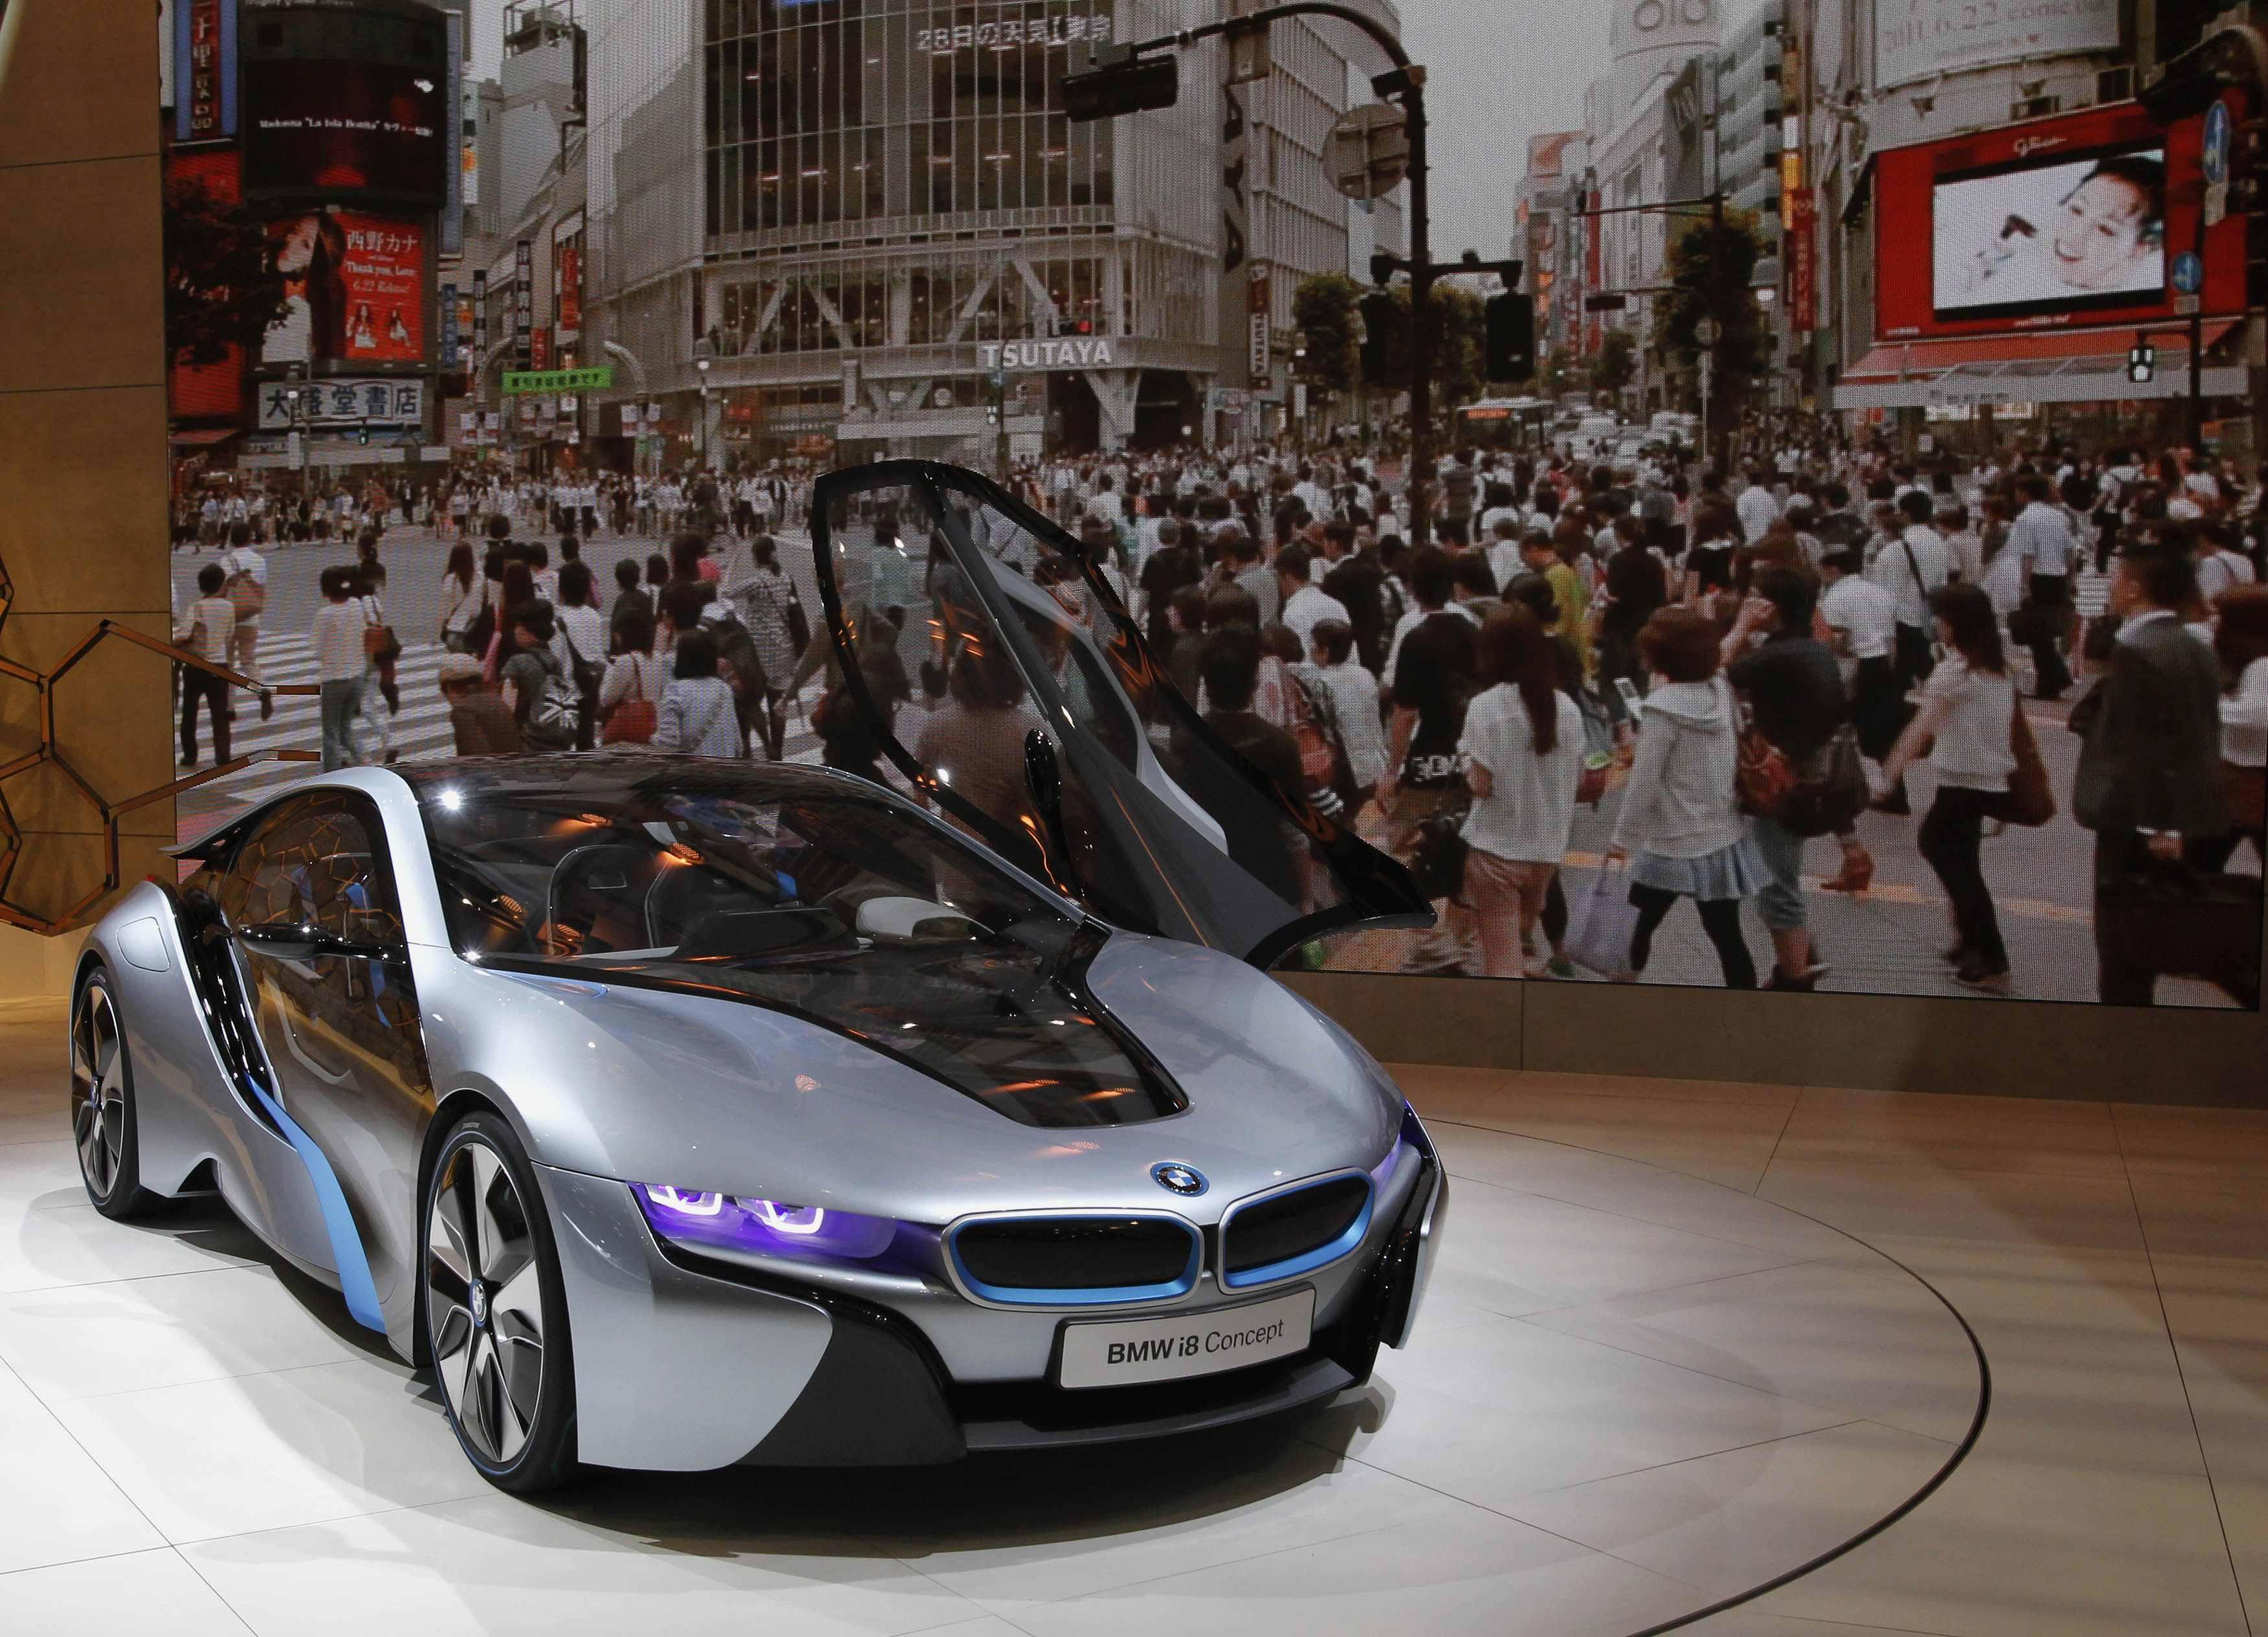 BMW's i8 Concept car